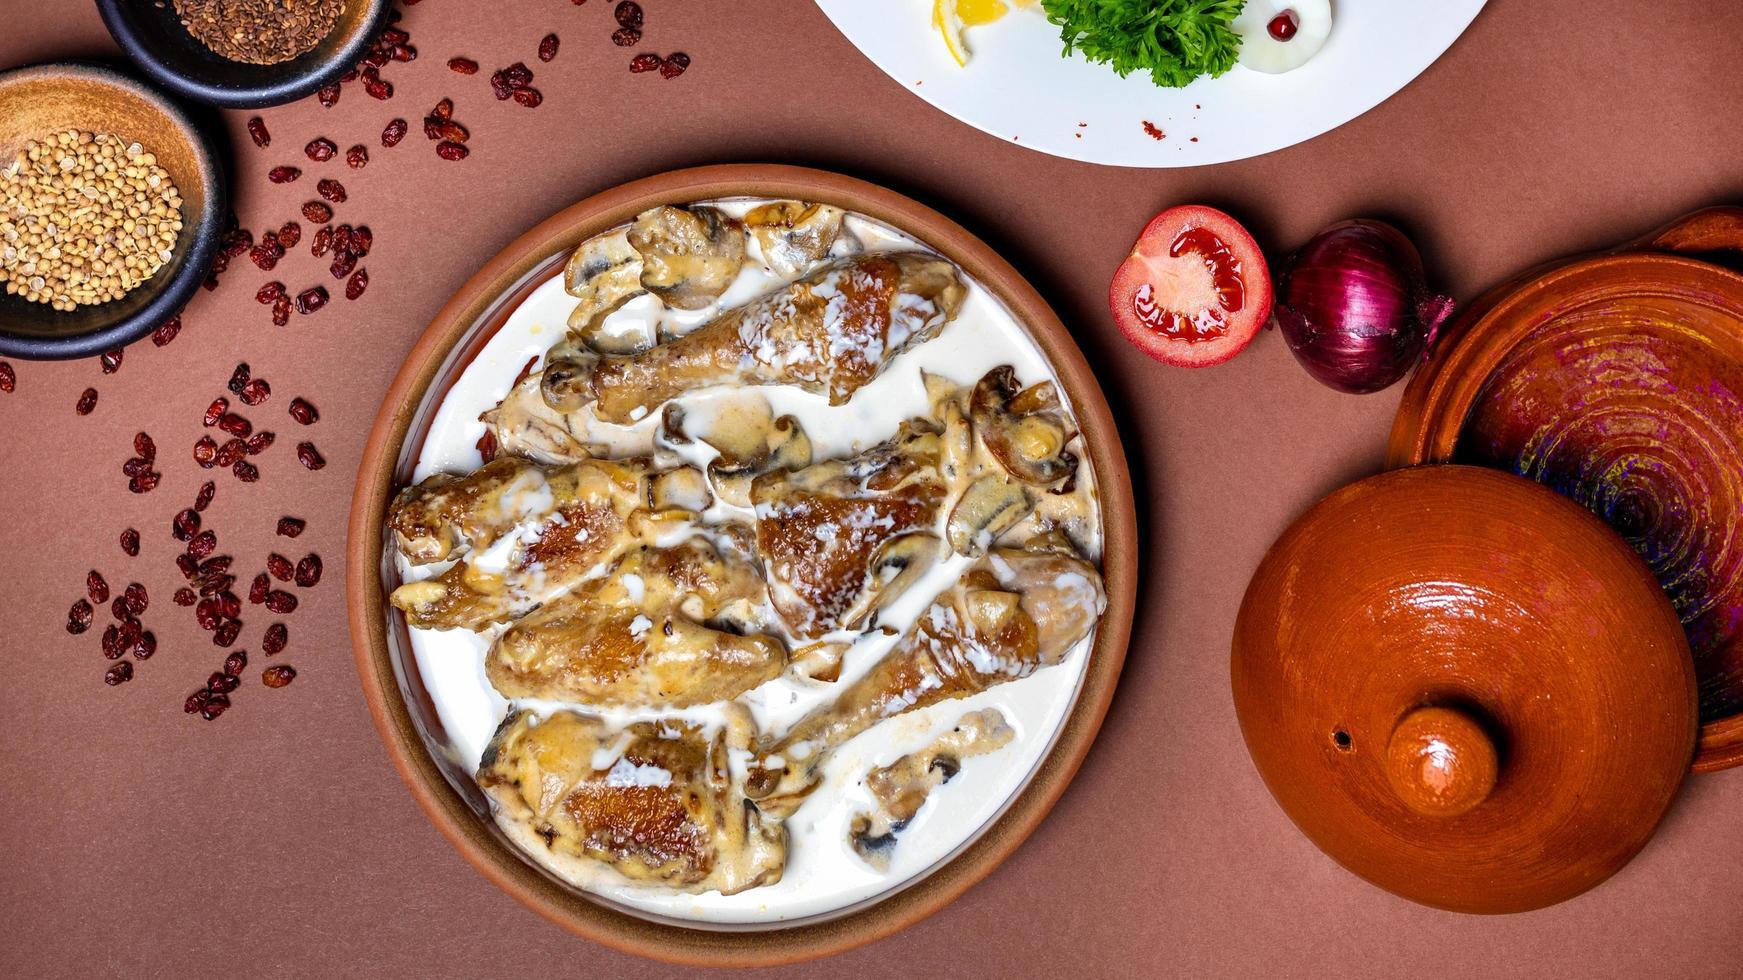 deliciosa refeição de carne de frango com molho foto